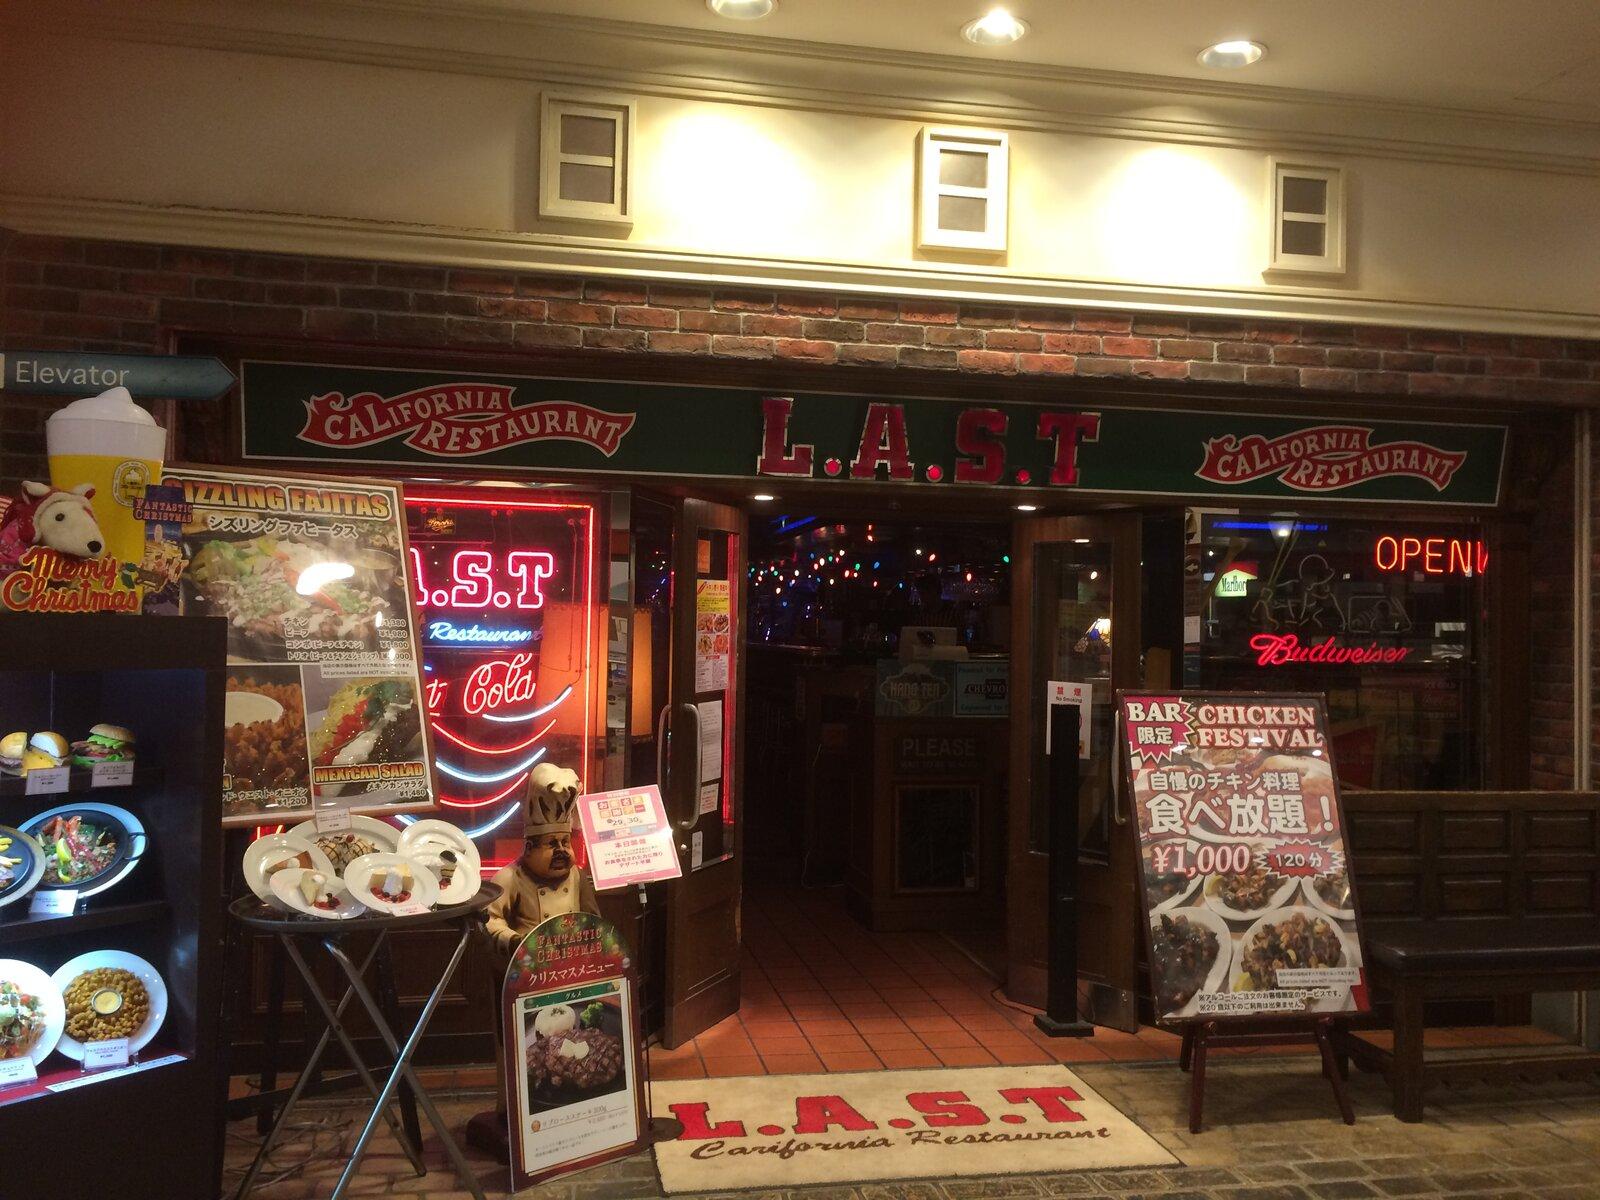 ラスト・カリフォルニアレストラン 横浜ワールドポーターズ店